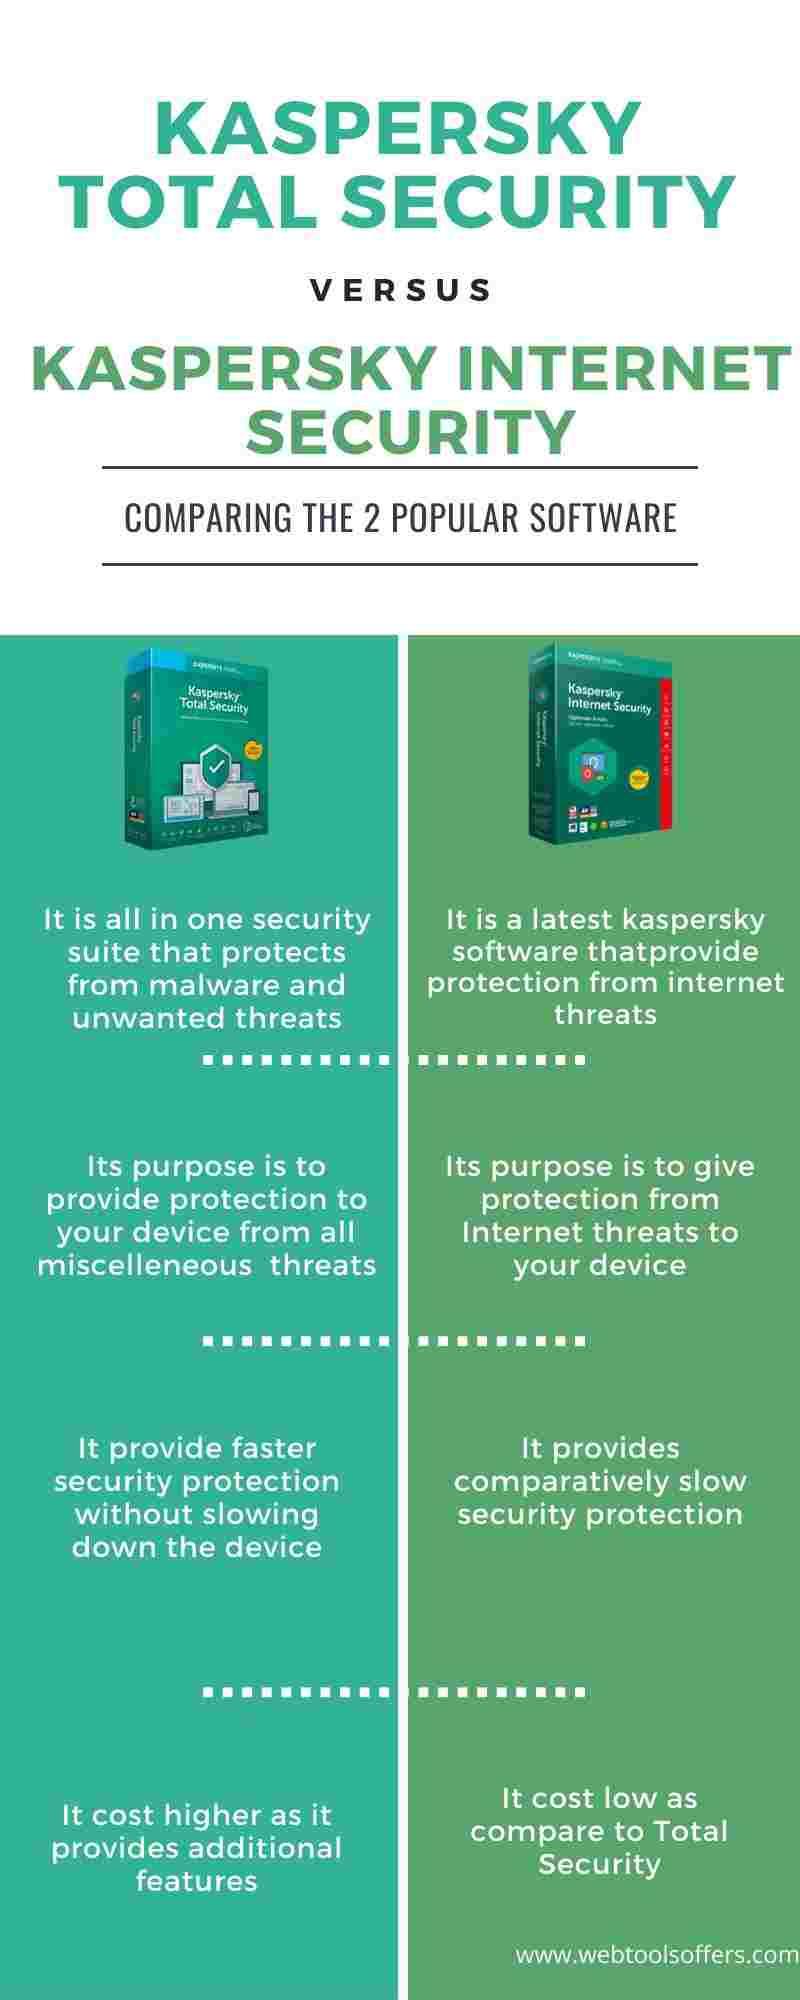 Kaspersky Total Security VS Internet